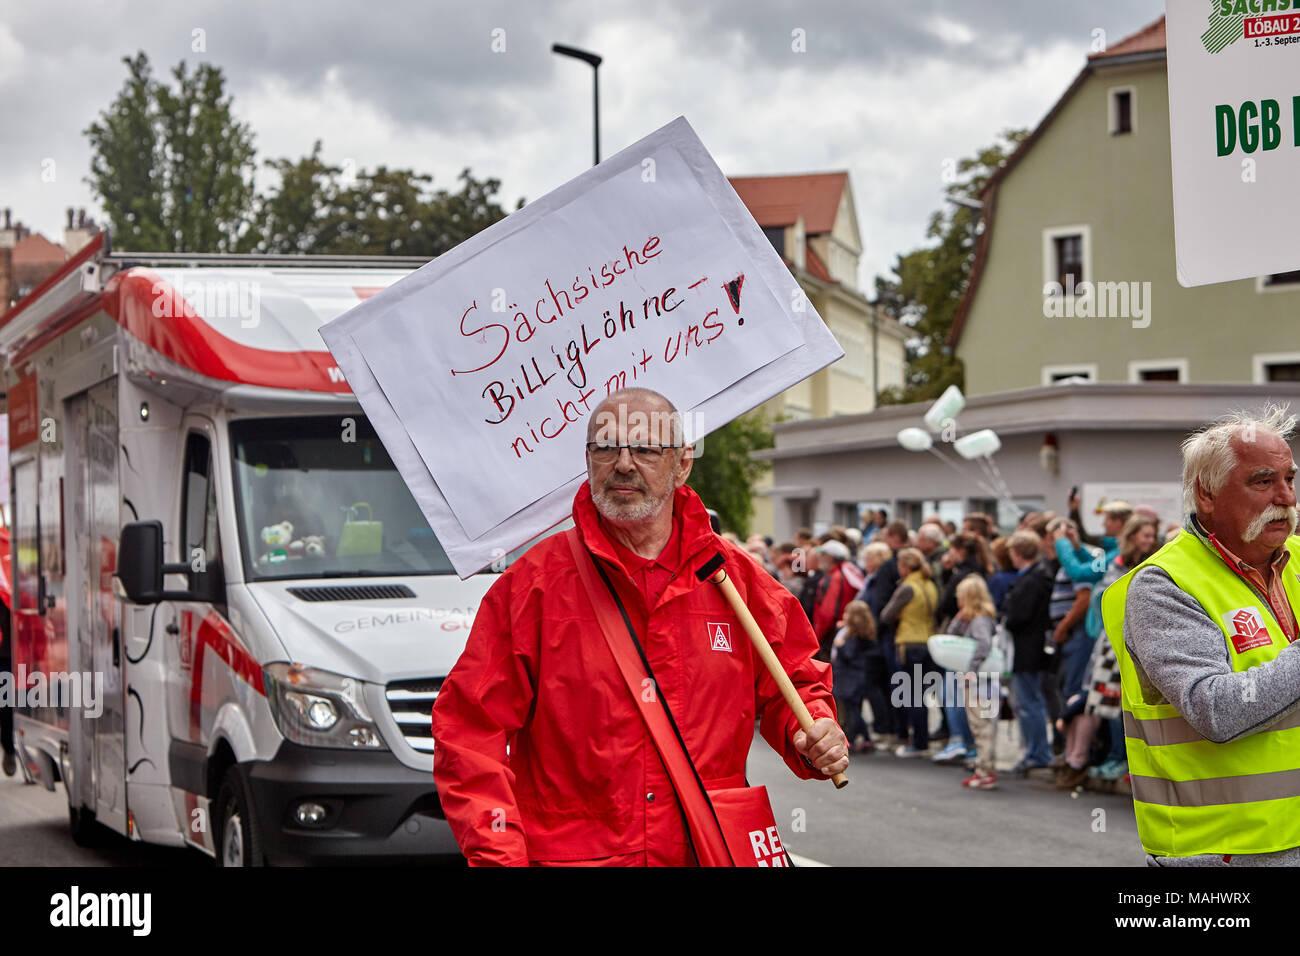 Saechsische Billigloehne - nicht mit uns! - Stock Image